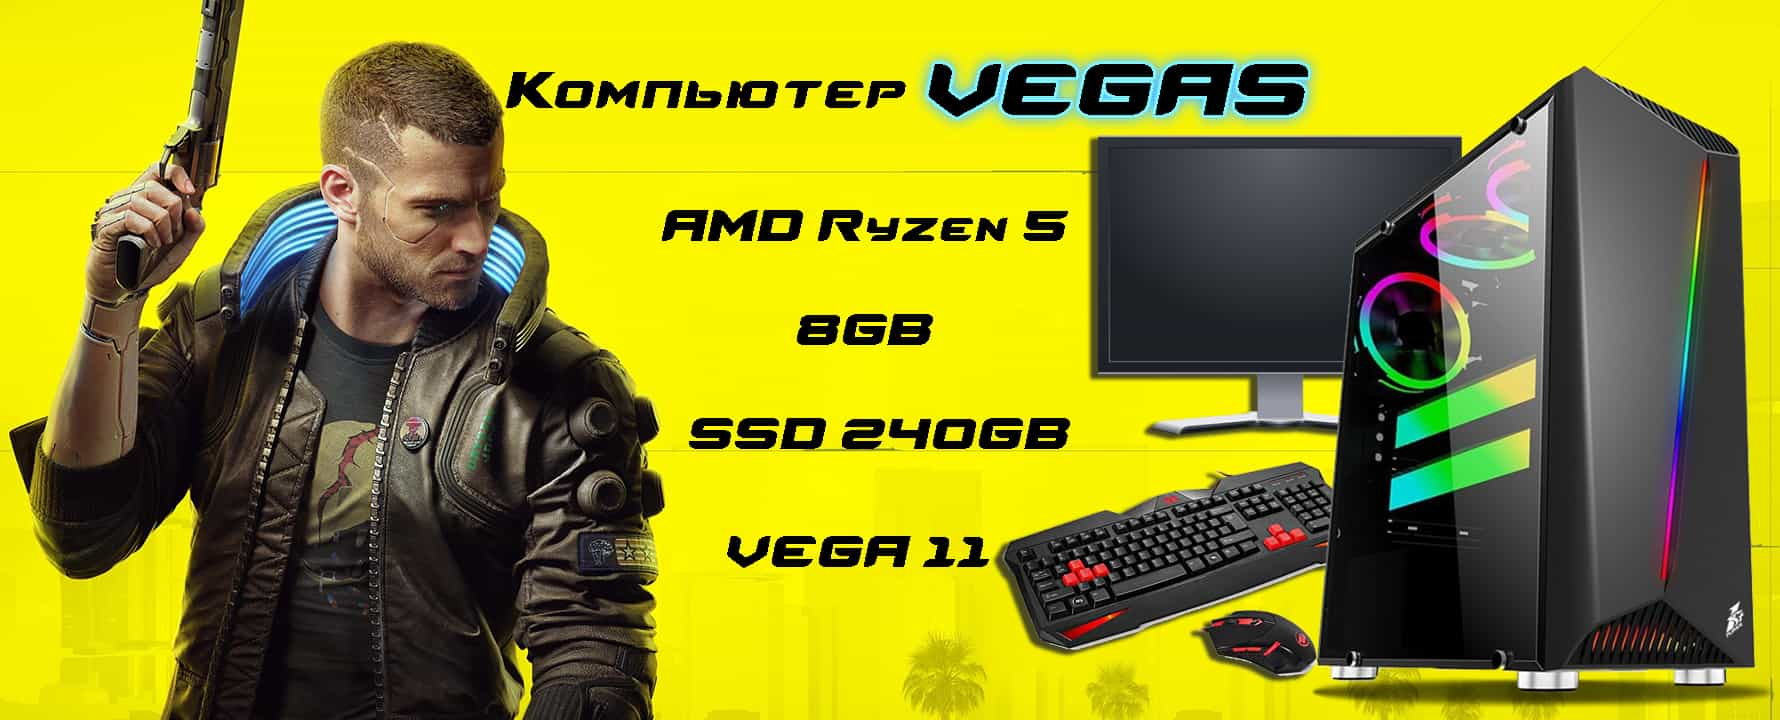 Компьютер Вегас